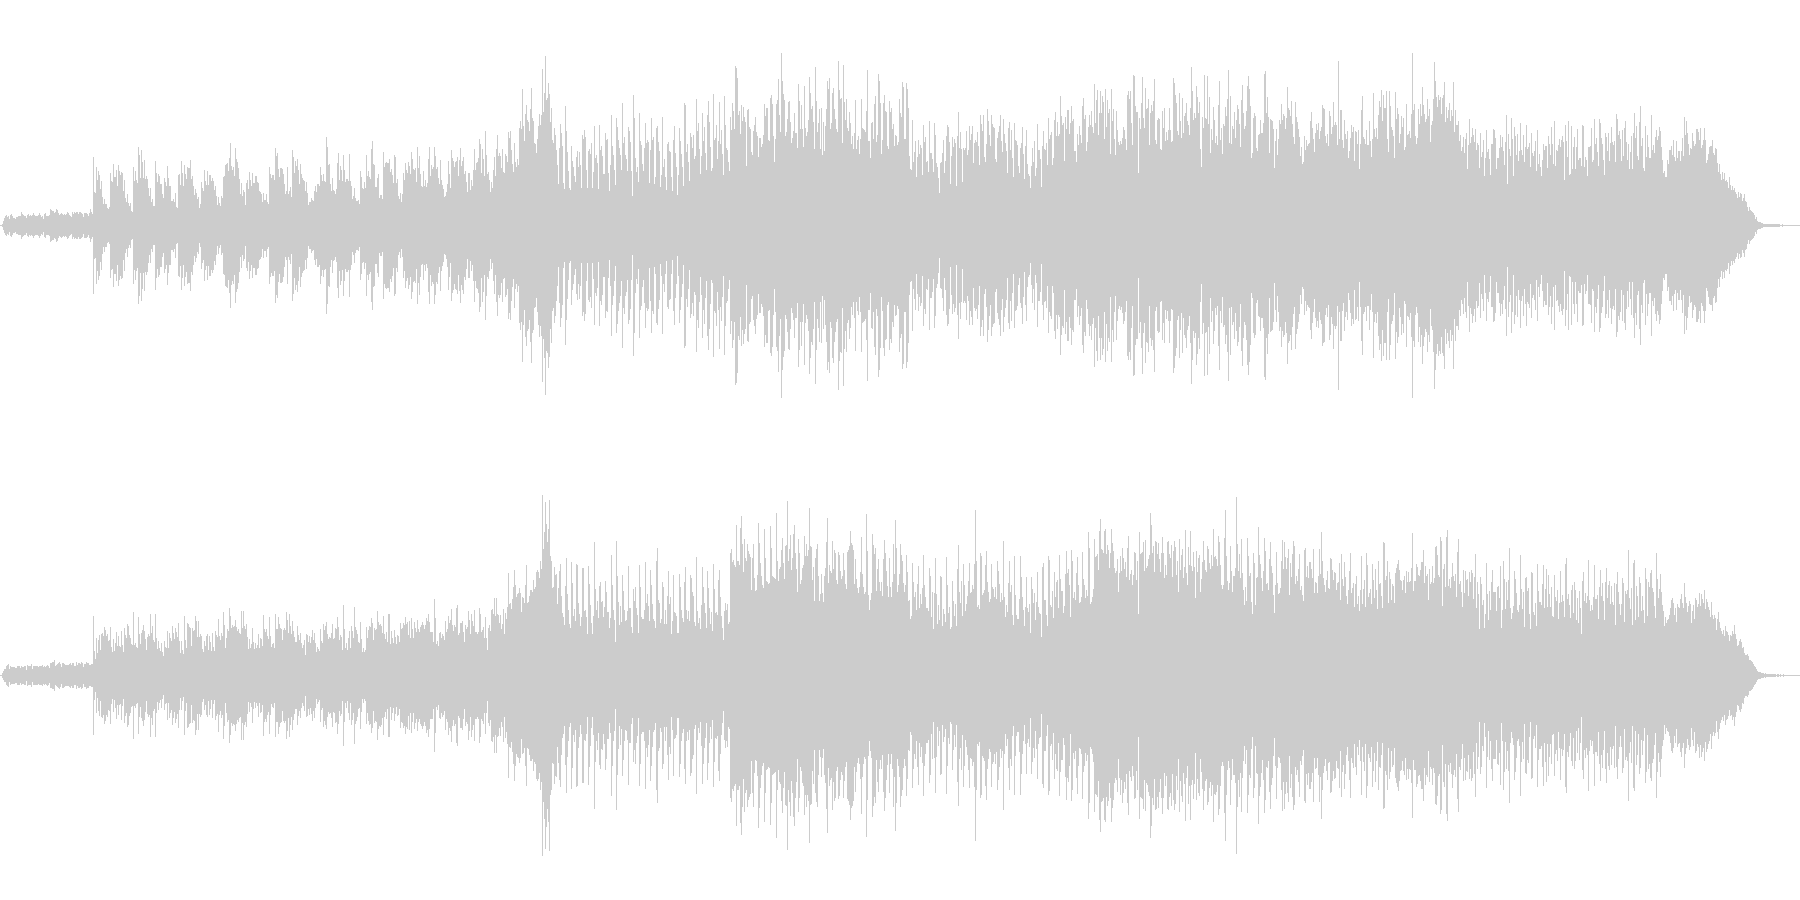 洗練されたオーケストラBGMの未再生の波形